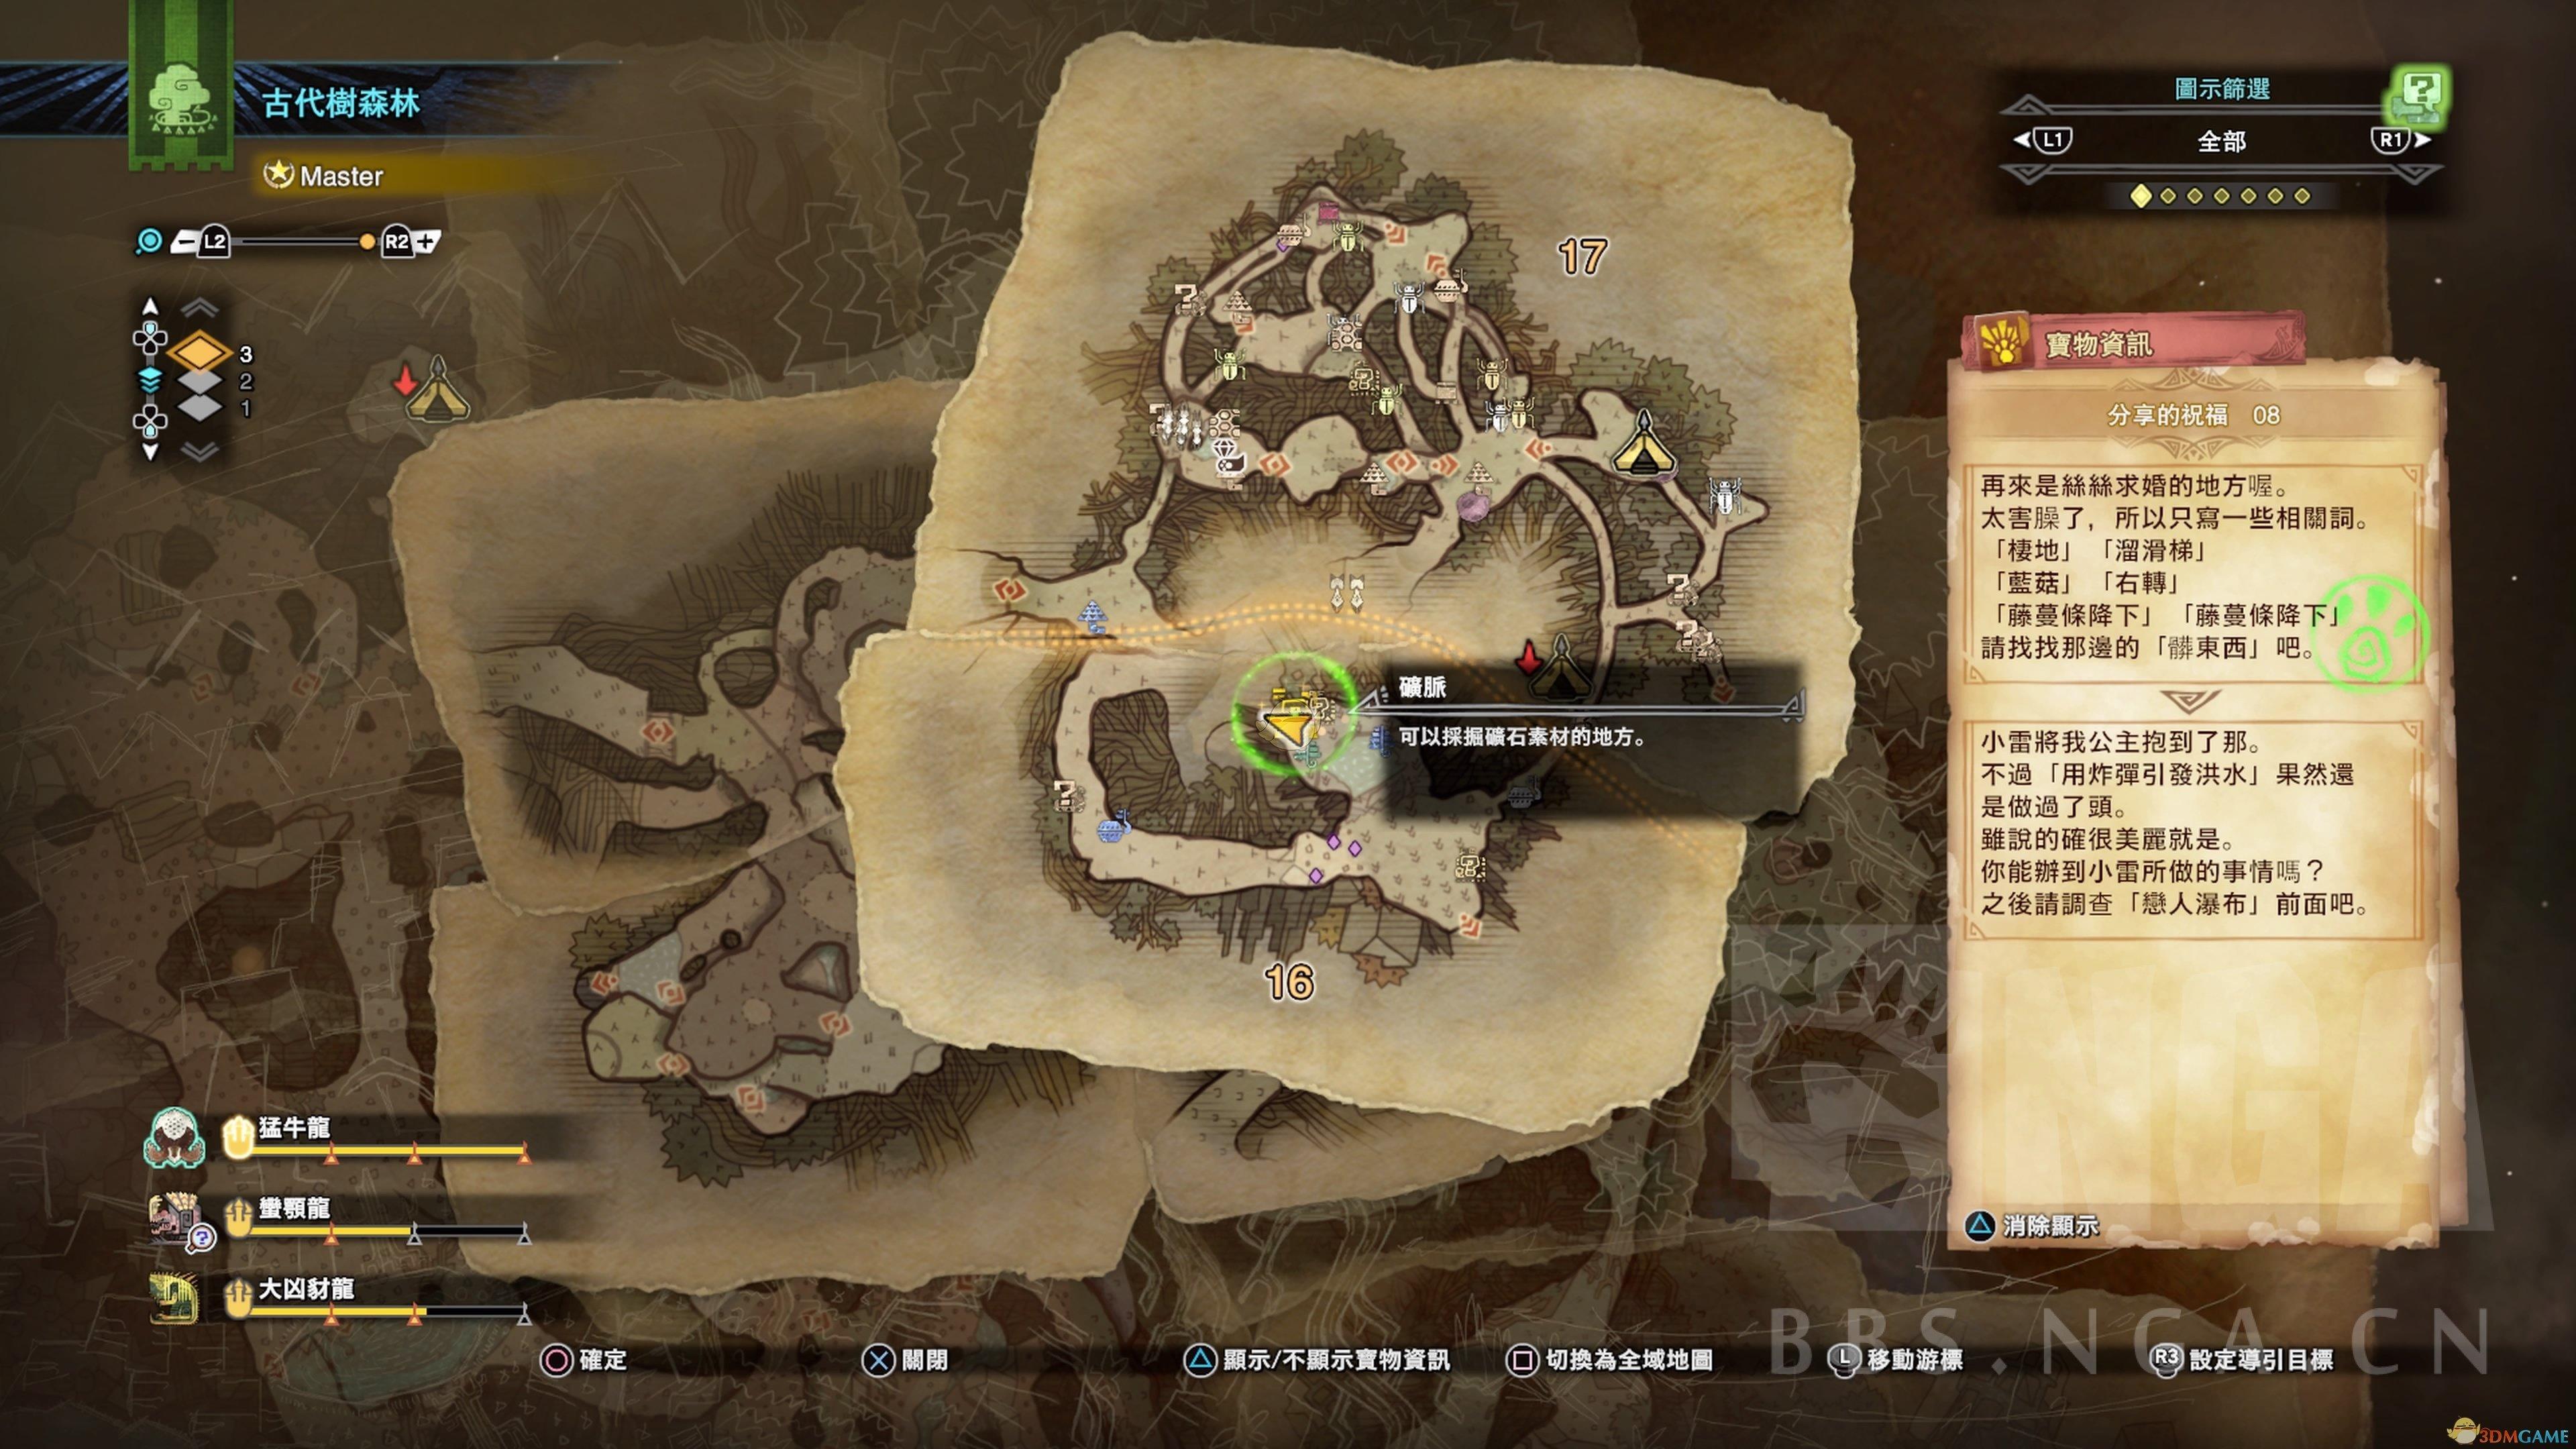 《怪物猎人:世界》宝藏分享的祝福08位置攻略